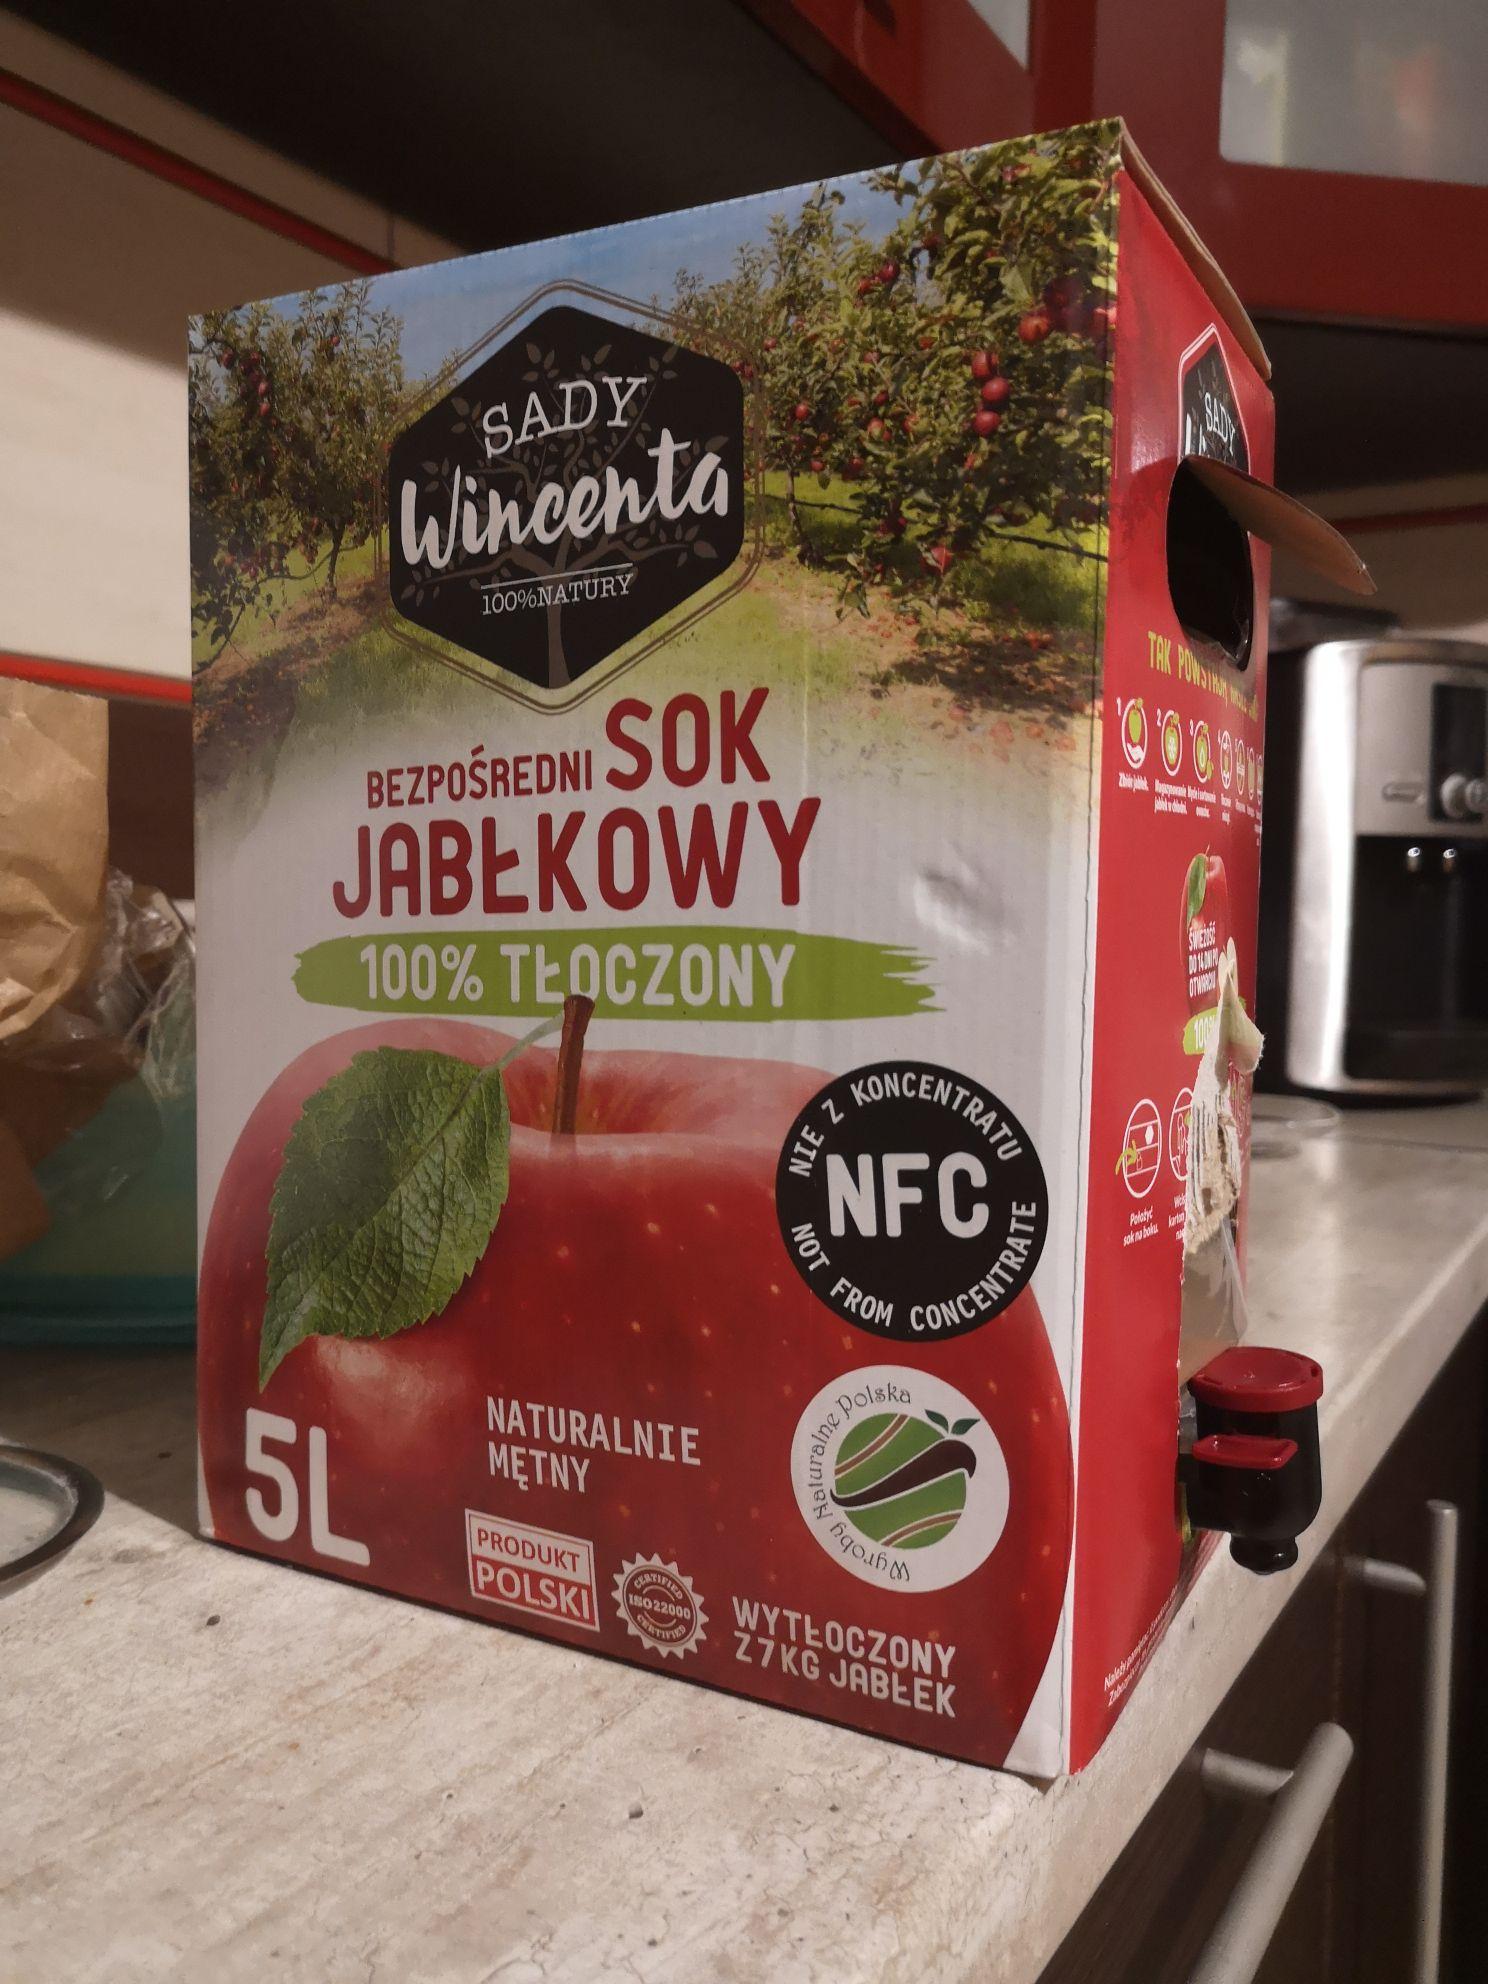 Sok jabłkowy 100% tłoczony 5L - możliwe inne smaki - KAUFLAND